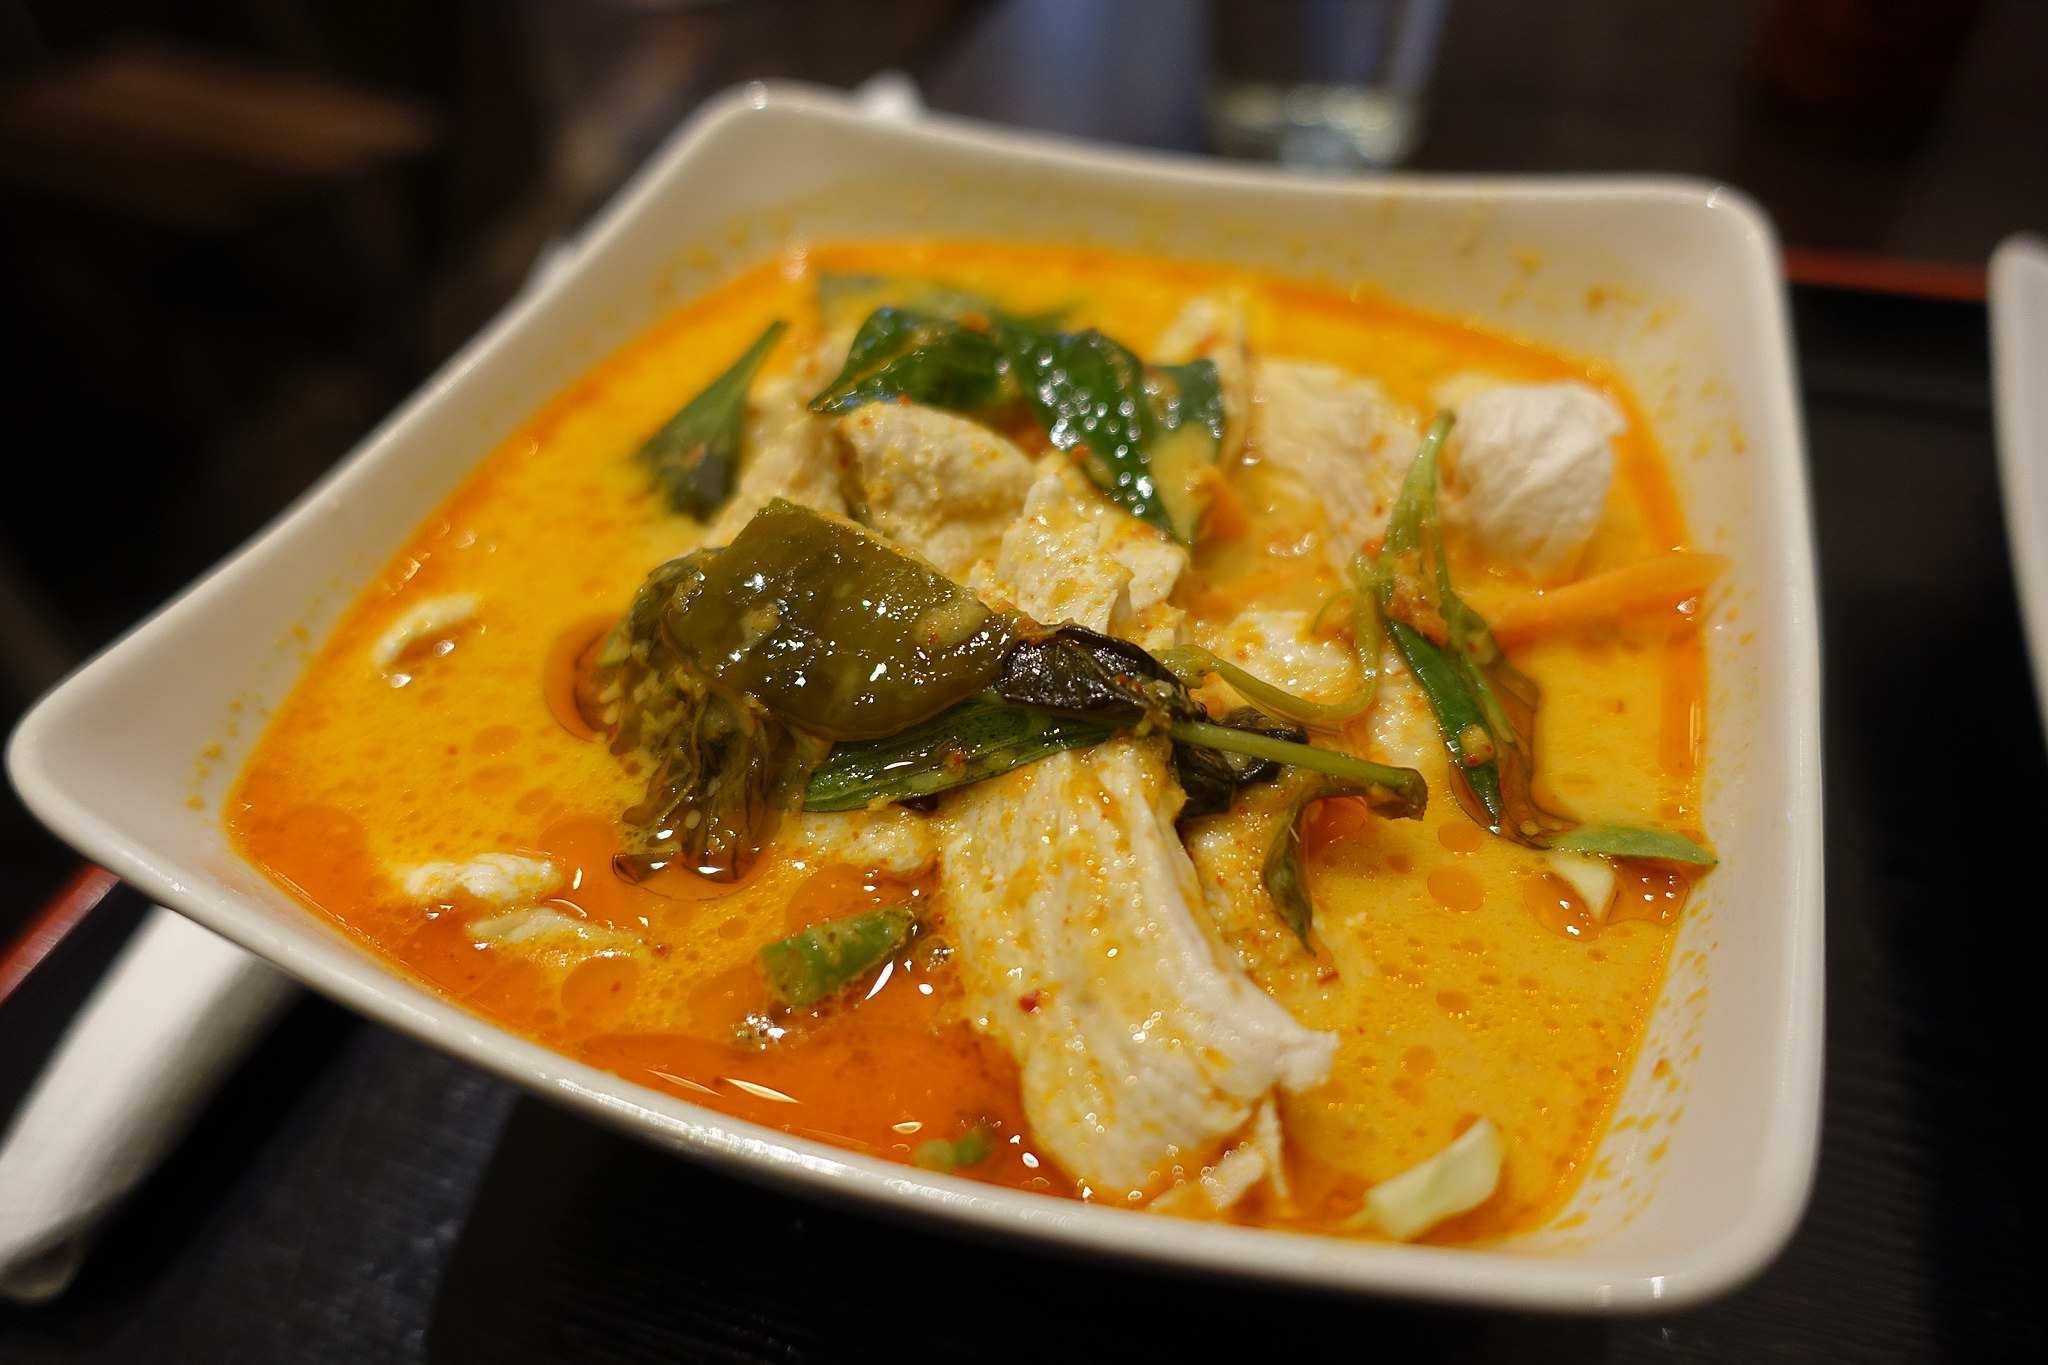 Thai Red Curry -- Meiwenti, 53 Rue de Richelieu, 75001 Paris, France